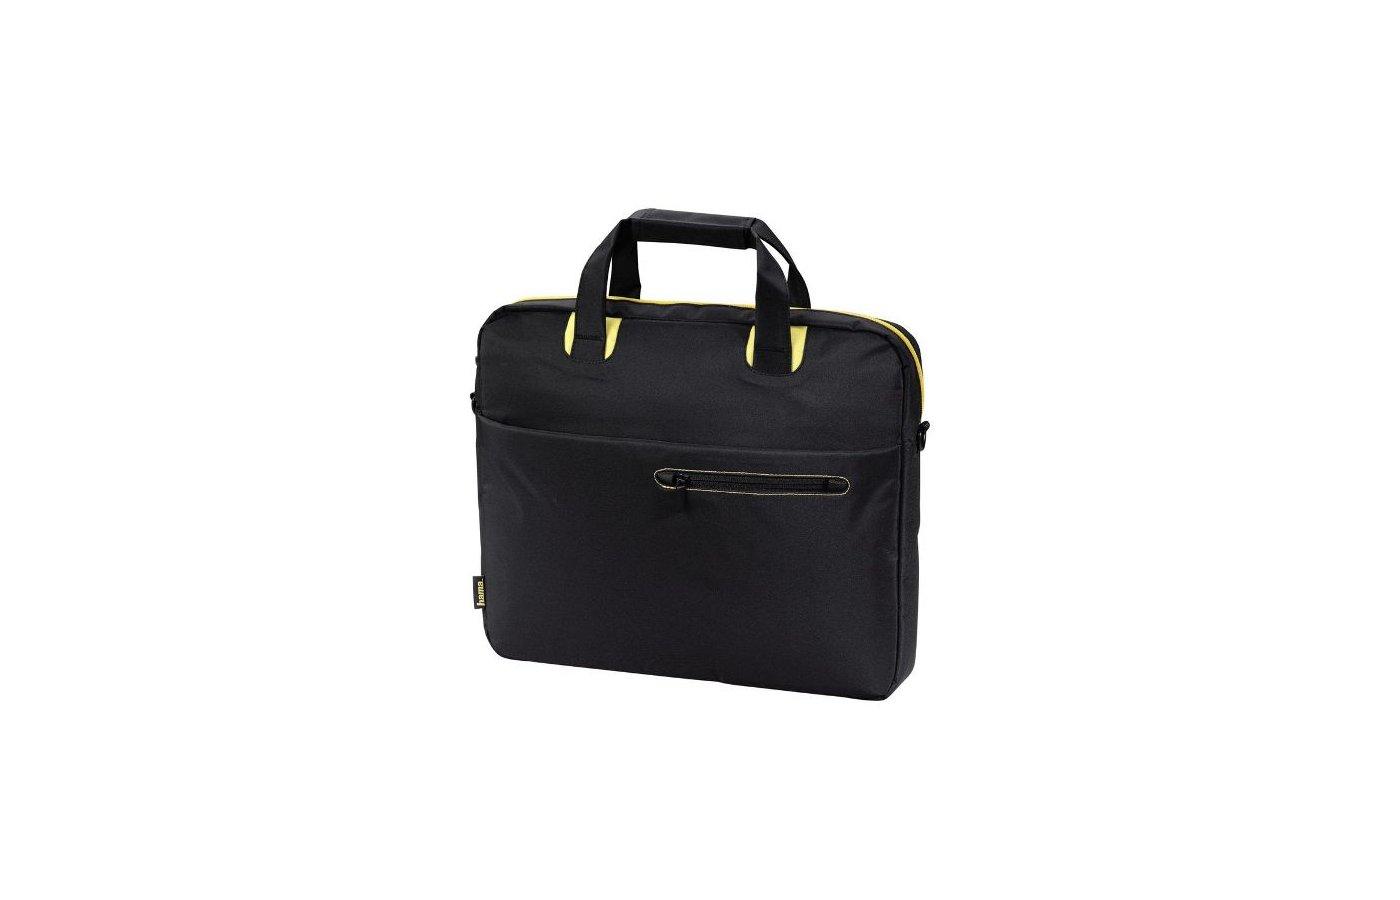 Кейс для ноутбука Hama San Francisco черный/желтый нейлон (00101170)